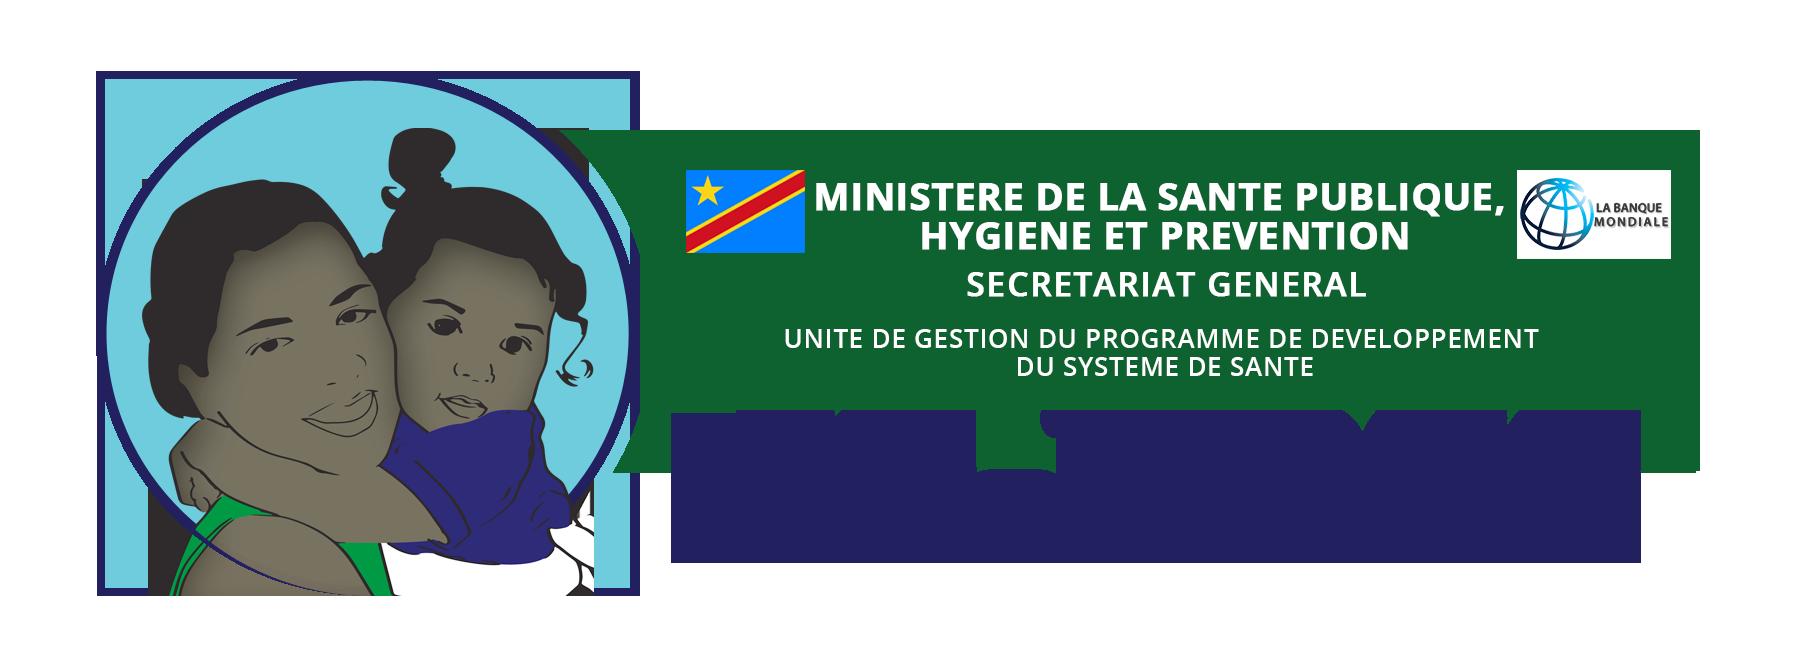 Unité de Gestion du Programme de développement du système de santé